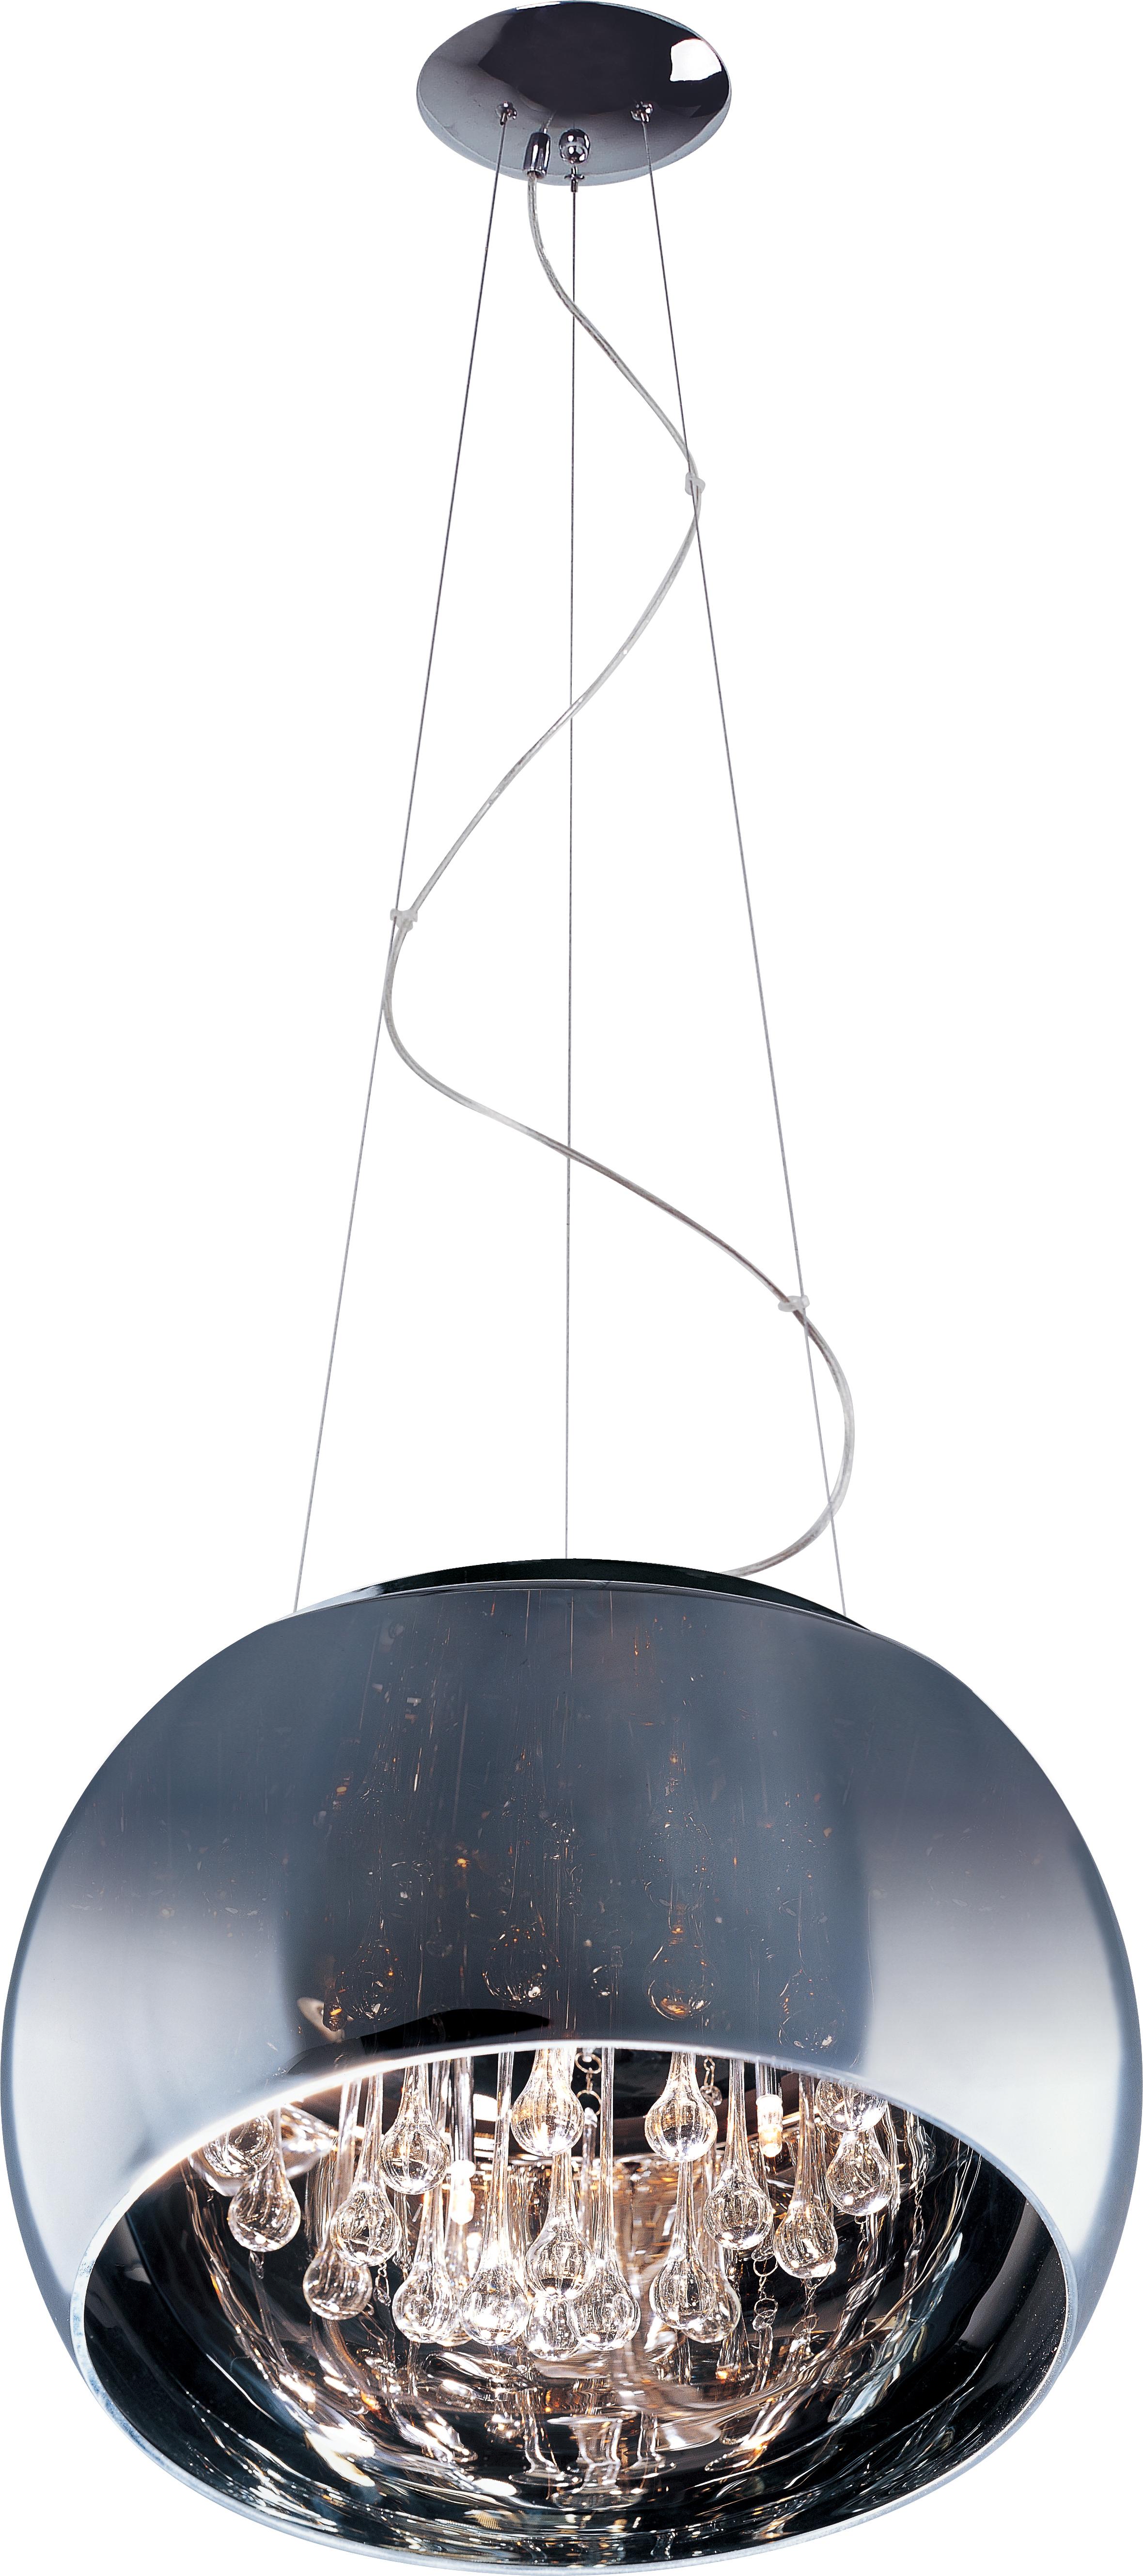 Sense 6-Light Pendant